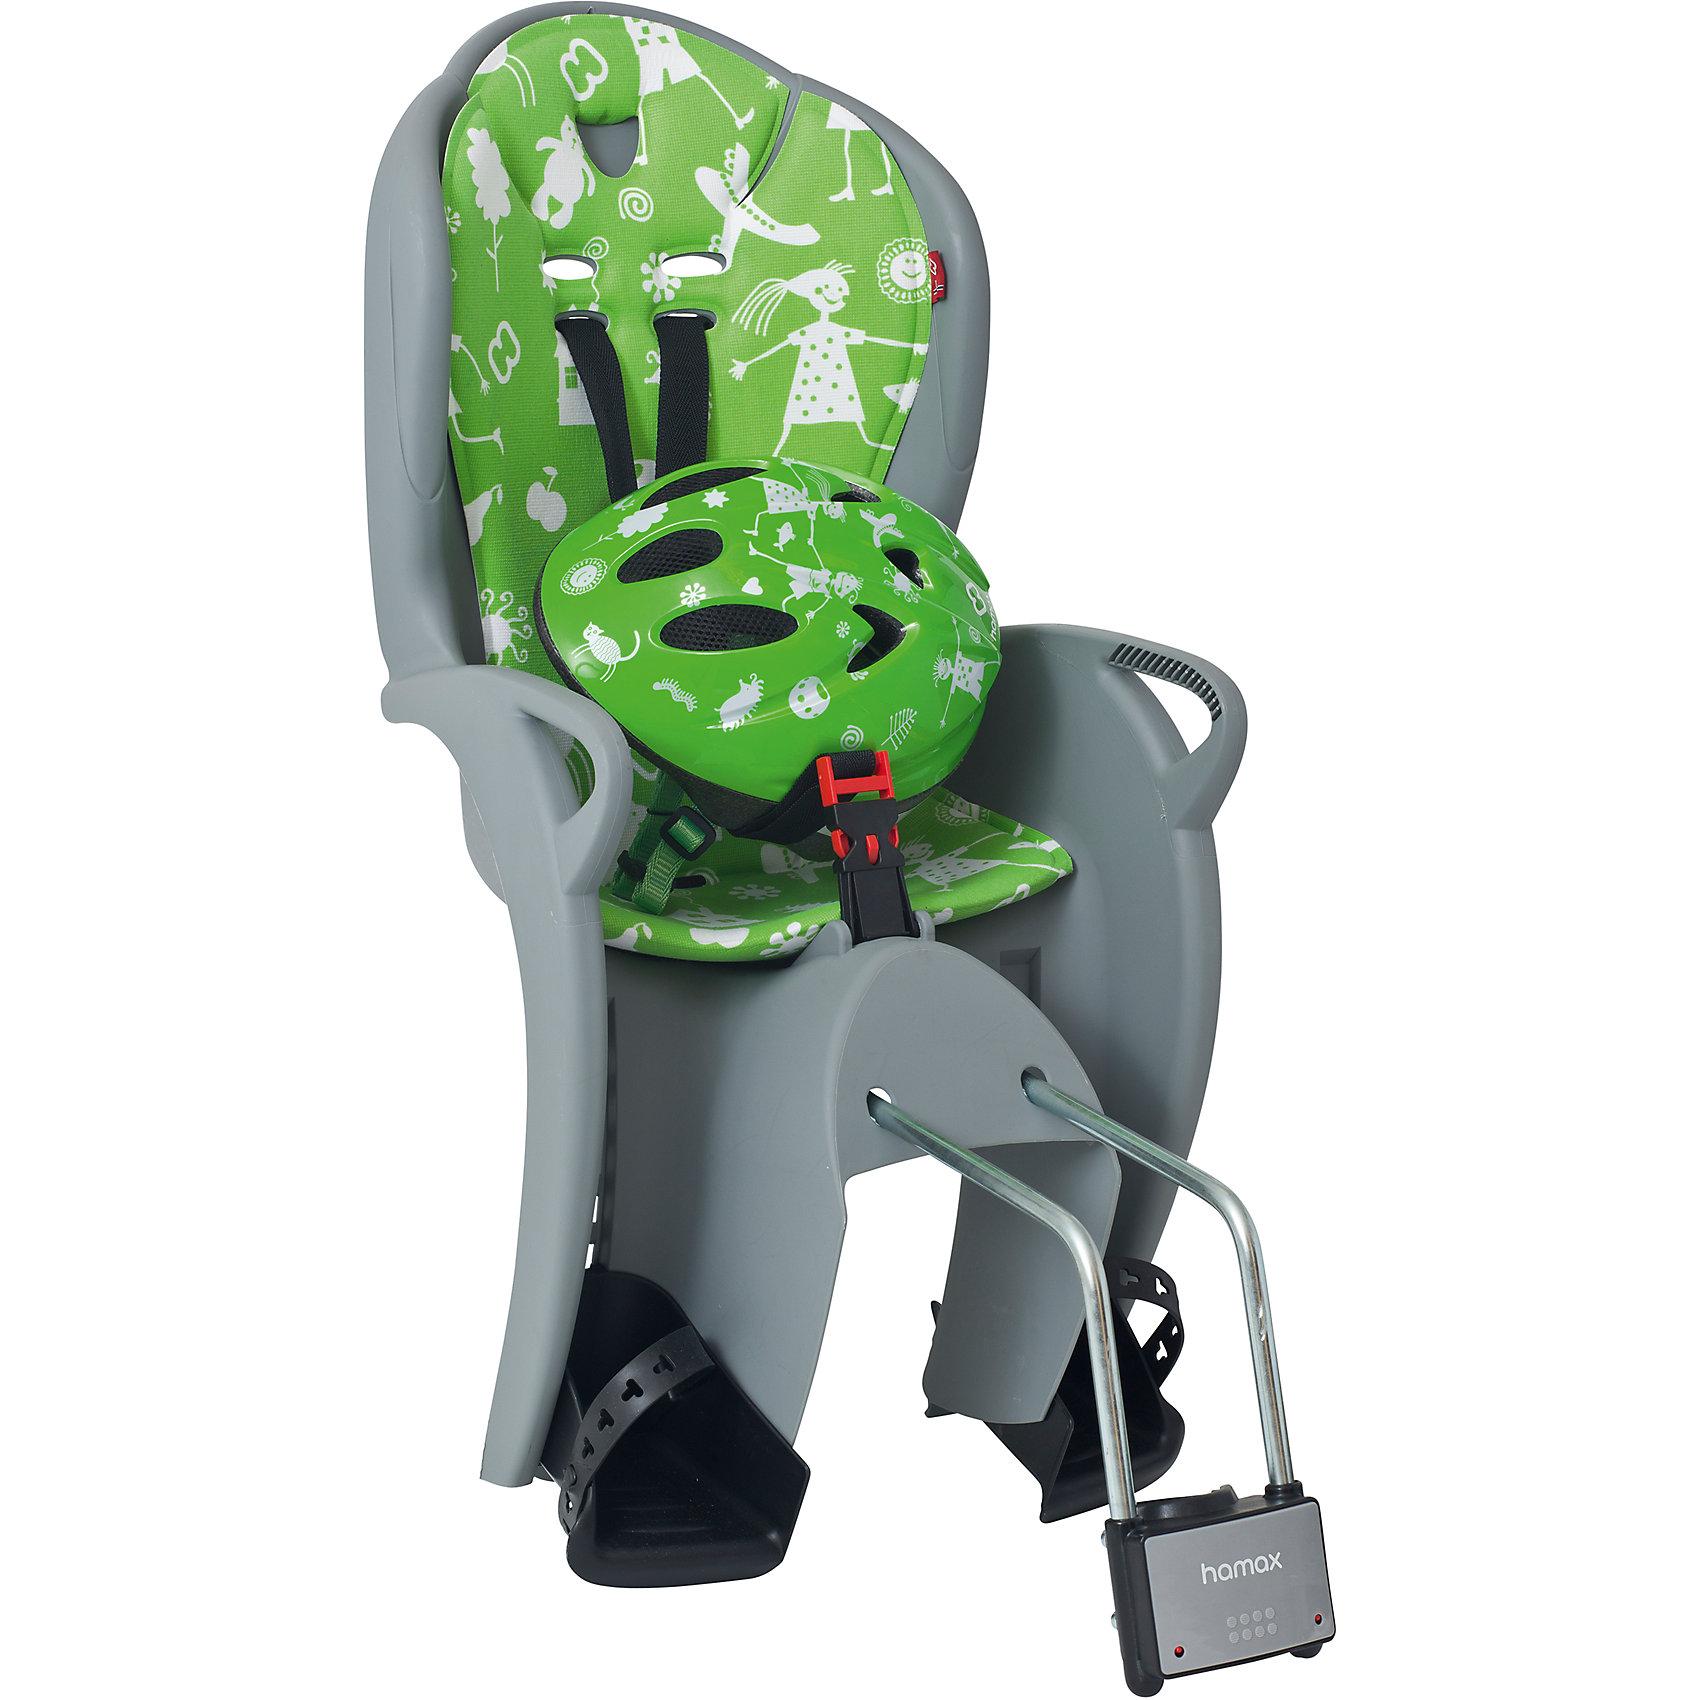 Детское велокресло Kiss Safety Package, Hamax, серый/зеленыйАксеcсуары для велосипедов<br>Характеристики товара:<br><br>• цвет: серый, зеленый<br>• комплект: велокресло, шлем (р48-52 см)<br>• конструкция пряжек ремней безопасности/фиксации для предотвращения <br>саморастегивания<br>• возможность установить на любом велосипеде как с багажником, так и без<br>• возраст: старше 9 месяцев и весом до 22 кг.<br>• регулируемый ремень безопасности и подножки.<br>• несущие дуги крепления велокресла обеспечивают отличную амортизацию<br>• подходит для подседельных труб рамы диаметром 28-40мм. (круглые и овальные)<br>• система крепления велокресла не мешает тросам переключения передач<br>• велокресло сертифицировано по: T?V / GS EN14344<br>• размеры 39х80х41см<br>• вес: 4,6кг<br>• материал: пластик, текстиль<br>• страна бренда: Польша<br><br>Эргономика велокресла Kiss Safety Package, Hamax расчитанна так что спинка кресла не будет мешать голове ребенка в моменты когда он хочет откинуться назад кресла в шлеме.<br><br>Механизмы регулировки застежек позволяют комфортно отрегулировать их вместе с ростом ребенка.<br><br>Все детские велосиденья Hamax  растут вместе с ребенком!  Регулируются и ремень безопасности и подножки.<br><br>Приобретая дополнительный кронштейн, вы можете легко переставлять детское сиденье с одного велосипеда на другой. <br><br>Hamax рекомендует, что ребенок должен всегда носить шлем при использовании детского сиденья.<br><br>Детское велокресло Kiss Safety Package, Hamax, серый/зеленый можно купить в нашем интернет-магазине.<br><br>Ширина мм: 380<br>Глубина мм: 790<br>Высота мм: 350<br>Вес г: 3700<br>Возраст от месяцев: 9<br>Возраст до месяцев: 48<br>Пол: Унисекс<br>Возраст: Детский<br>SKU: 5582633